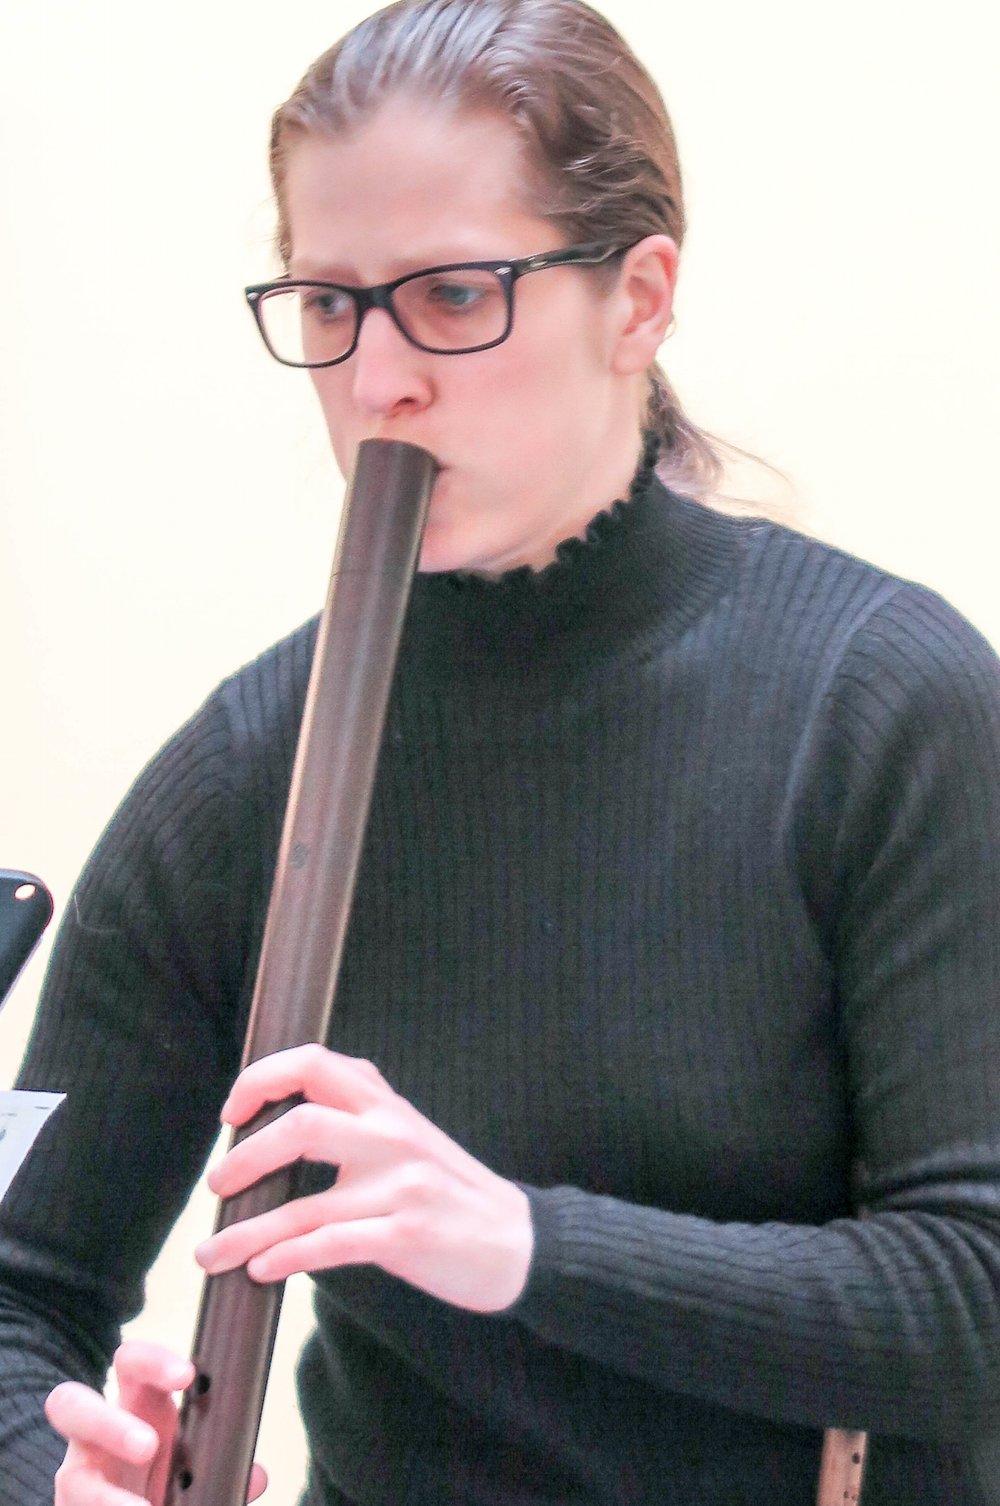 - Ingeborg Christophersen — blokkfløyter(f. 1985) tok master i blokkfløyte tidlegmusikk ved Syddansk Musikkonservatorium i 2008. I 2010 avslutta ho fire års studier på Conservatorium van Amsterdam hjå Paul Leenhouts, og i 2011 fullførte ho sin mastergrad i cembalo ved Syddansk Musikkkonservatorium. I 2003 mottok ho Norsk Tonekunstnersamfunds ærespris